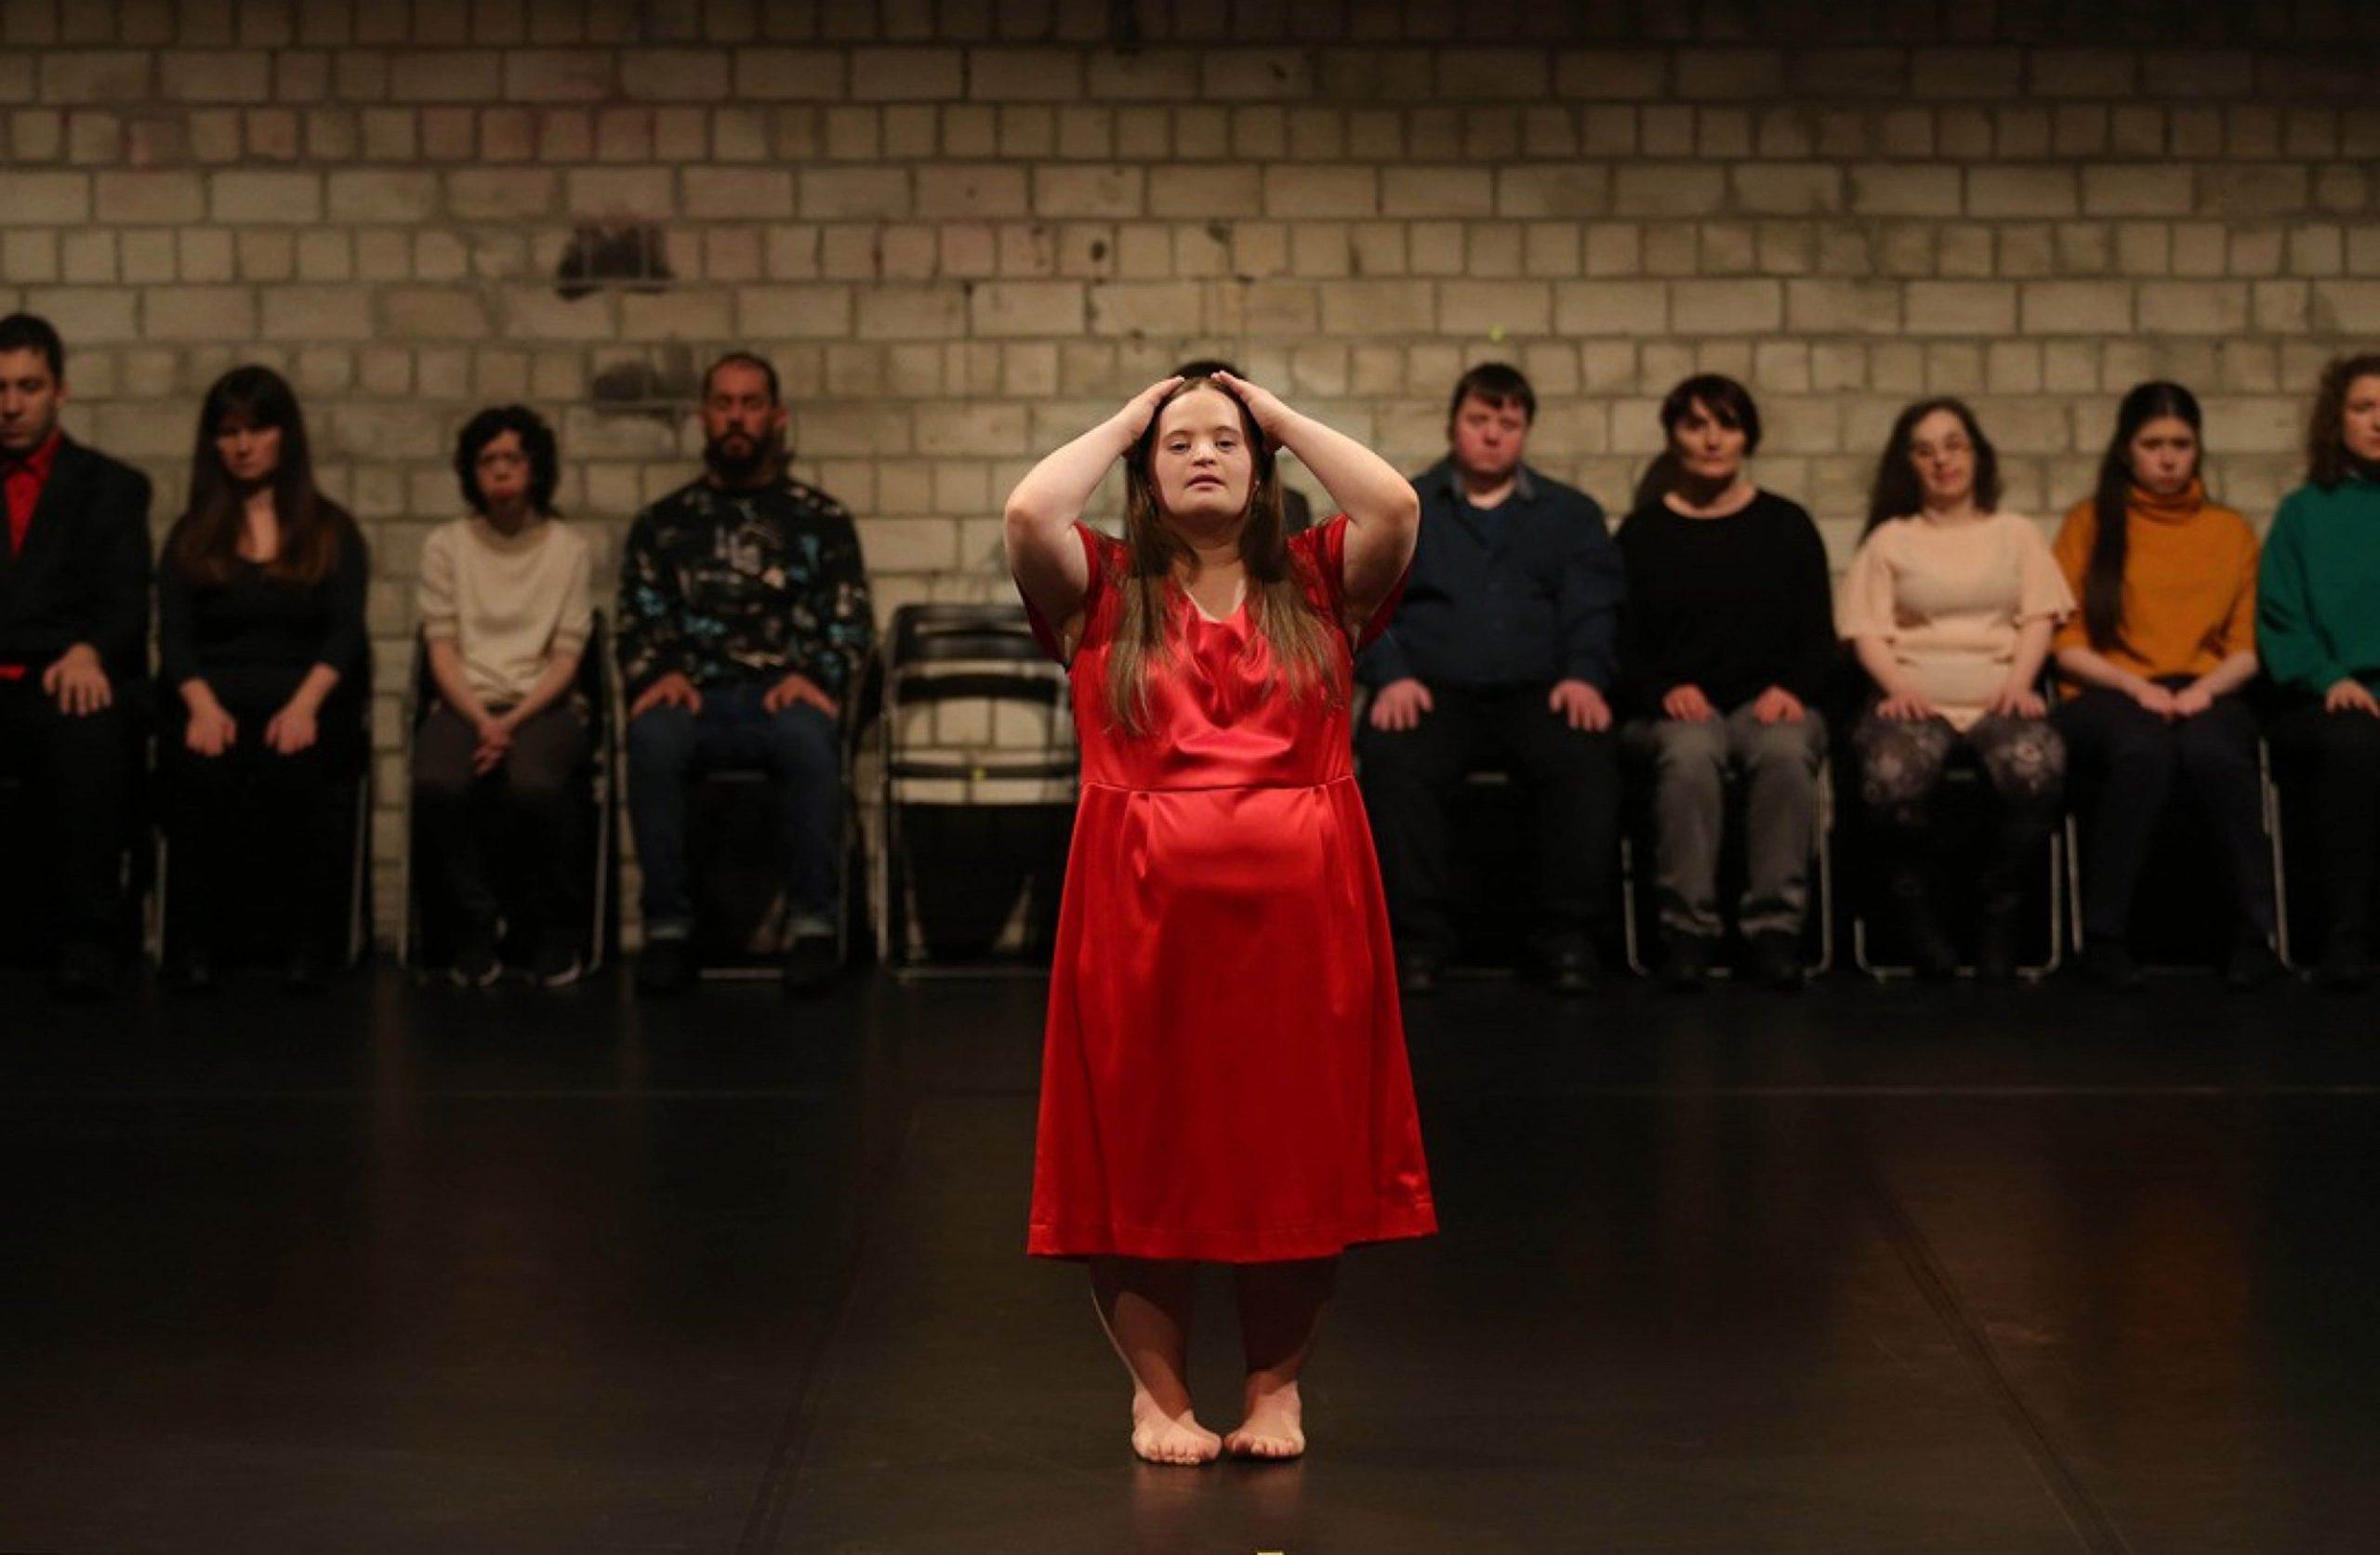 © Anja Beutler. Sophiensäle: Running Commentary on Dis_Sylphide. Eine Frau in einem roten Satinkleid steht mit geschlossenen Augen mittig im Bild und hat beide Arme auf ihren etwas erhobenen Kopf gelegt. Im Bildhintergrund an der weißen gemauerten Wand sitzt eine Reihe von Menschen in Alltagskleidung und schaut zum Publikum.